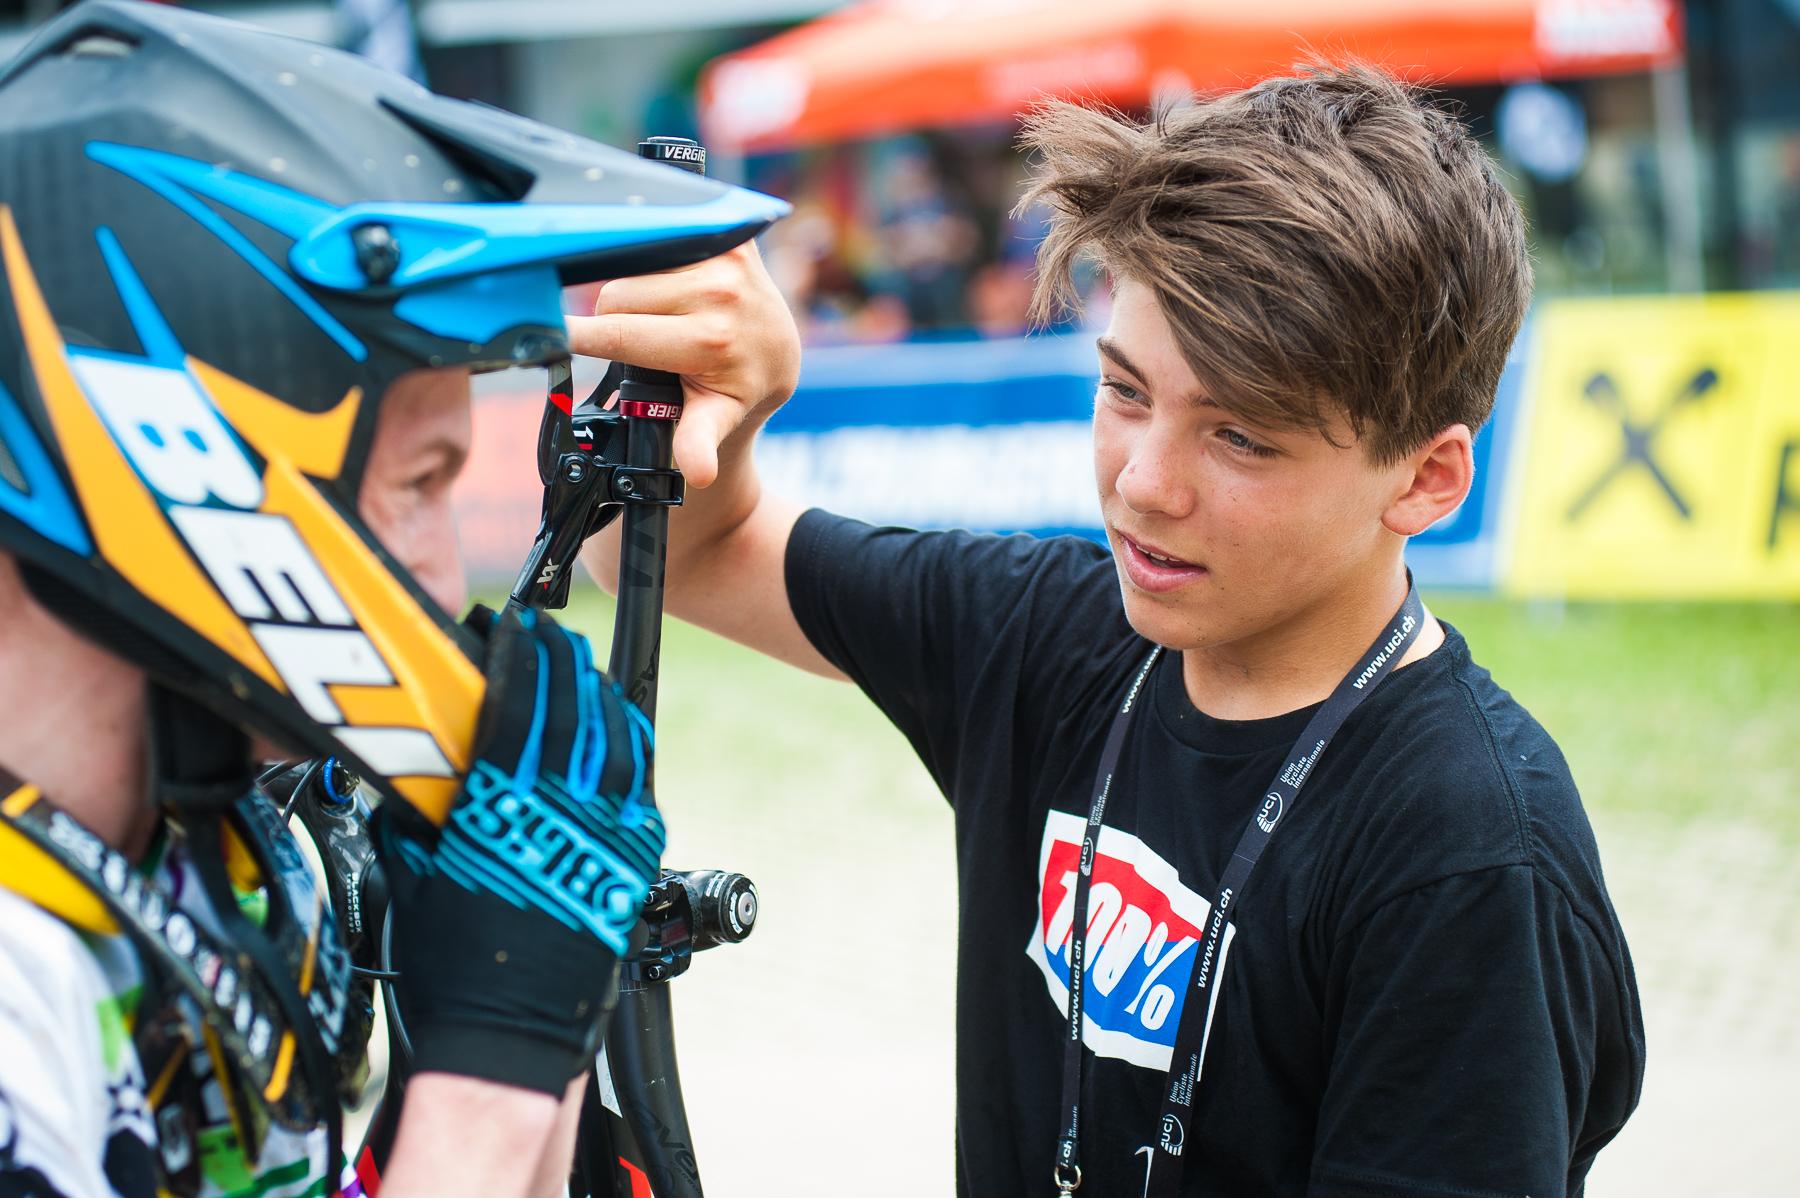 Finn Iles. Der Youngster war auf der Strecke Vorstarter und erreichte eine Zeit, die bei den Junioren für den vierten Platz gereicht hätte.